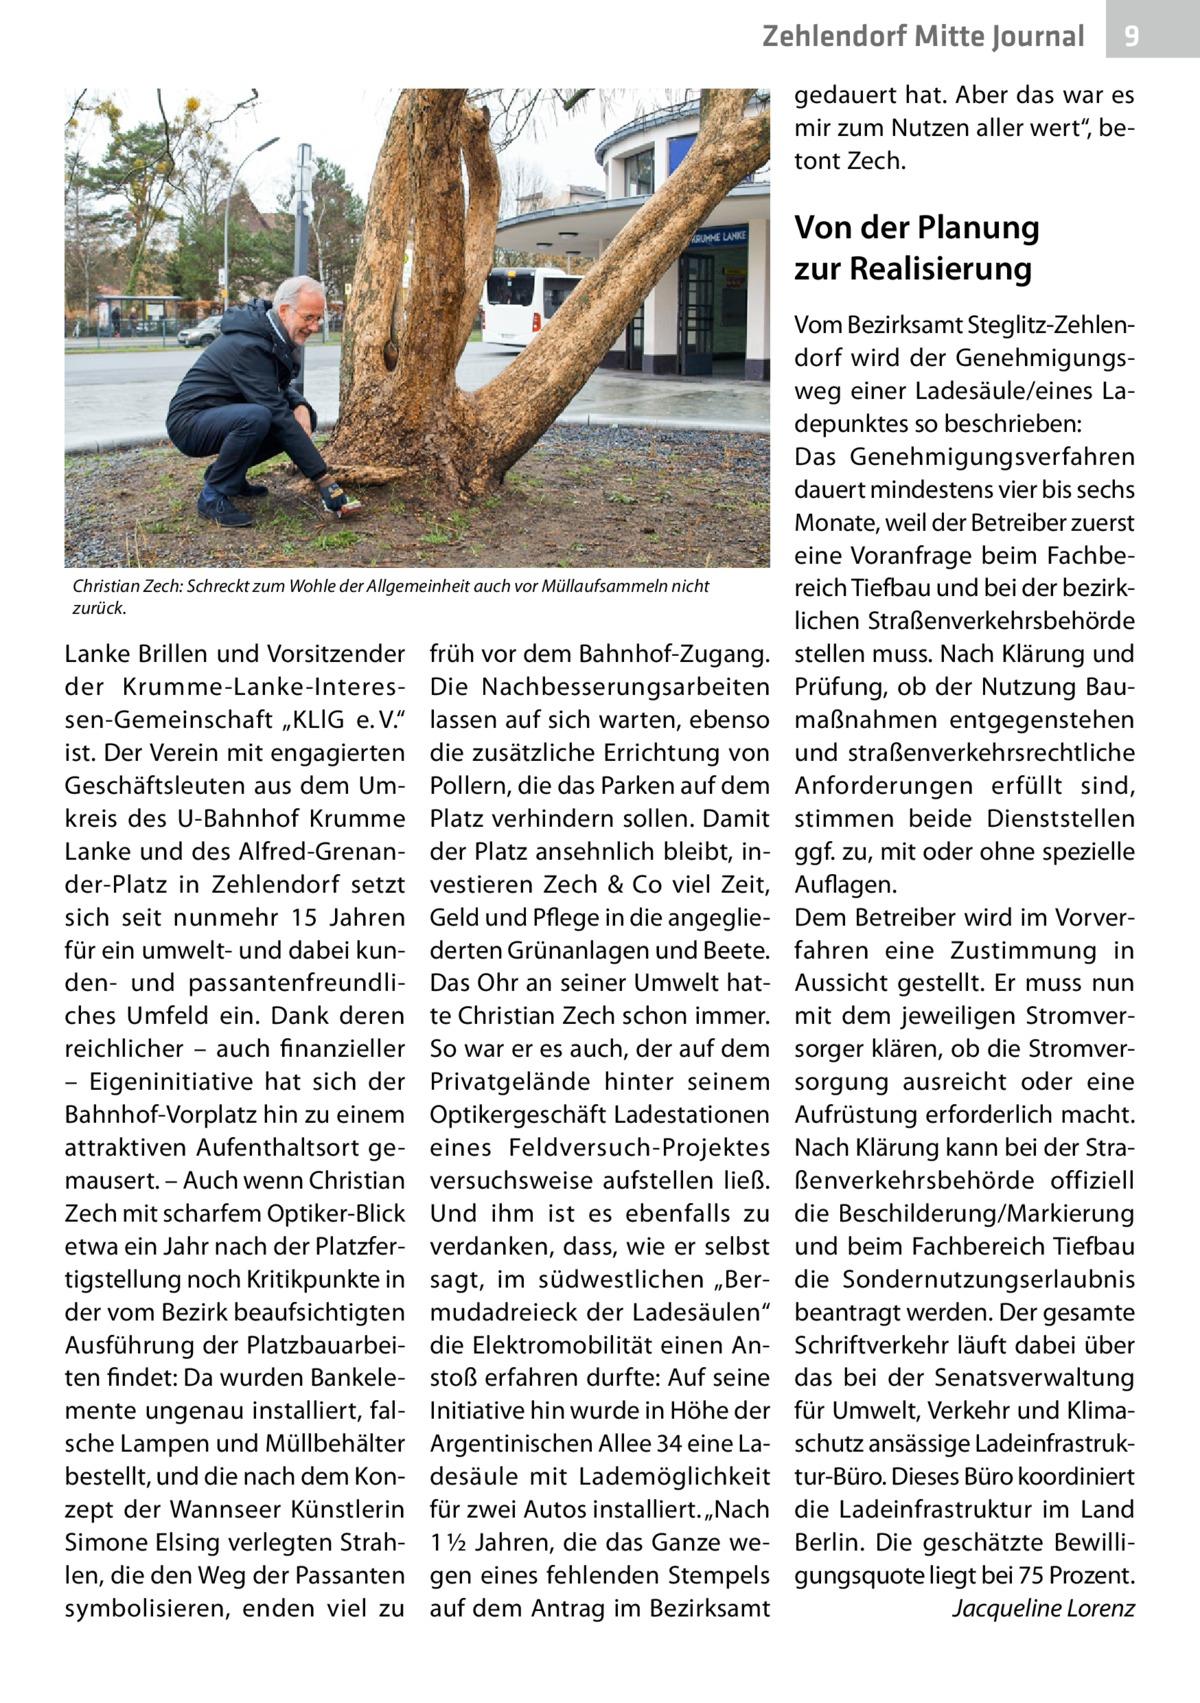 """Zehlendorf Mitte Journal  9  gedauert hat. Aber das war es mir zum Nutzen aller wert"""", betont Zech.  Von der Planung zur Realisierung  Christian Zech: Schreckt zum Wohle der Allgemeinheit auch vor Müllaufsammeln nicht zurück.  Lanke Brillen und Vorsitzender der Krumme-Lanke-Interessen-Gemeinschaft """"KLlG e.V."""" ist. Der Verein mit engagierten Geschäftsleuten aus dem Umkreis des U-Bahnhof Krumme Lanke und des Alfred-Grenander-Platz in Zehlendorf setzt sich seit nunmehr 15 Jahren für ein umwelt- und dabei kunden- und passantenfreundliches Umfeld ein. Dank deren reichlicher – auch finanzieller – Eigeninitiative hat sich der Bahnhof-Vorplatz hin zu einem attraktiven Aufenthaltsort gemausert. – Auch wenn Christian Zech mit scharfem Optiker-Blick etwa ein Jahr nach der Platzfertigstellung noch Kritikpunkte in der vom Bezirk beaufsichtigten Ausführung der Platzbauarbeiten findet: Da wurden Bankelemente ungenau installiert, falsche Lampen und Müllbehälter bestellt, und die nach dem Konzept der Wannseer Künstlerin Simone Elsing verlegten Strahlen, die den Weg der Passanten symbolisieren, enden viel zu  früh vor dem Bahnhof-Zugang. Die Nachbesserungsarbeiten lassen auf sich warten, ebenso die zusätzliche Errichtung von Pollern, die das Parken auf dem Platz verhindern sollen. Damit der Platz ansehnlich bleibt, investieren Zech & Co viel Zeit, Geld und Pflege in die angegliederten Grünanlagen und Beete. Das Ohr an seiner Umwelt hatte Christian Zech schon immer. So war er es auch, der auf dem Privatgelände hinter seinem Optikergeschäft Ladestationen eines Feldversuch-Projektes versuchsweise aufstellen ließ. Und ihm ist es ebenfalls zu verdanken, dass, wie er selbst sagt, im südwestlichen """"Bermudadreieck der Ladesäulen"""" die Elektromobilität einen Anstoß erfahren durfte: Auf seine Initiative hin wurde in Höhe der Argentinischen Allee34 eine Ladesäule mit Lademöglichkeit für zwei Autos installiert. """"Nach 1½Jahren, die das Ganze wegen eines fehlenden Stempels auf dem Antrag im Bezirks"""